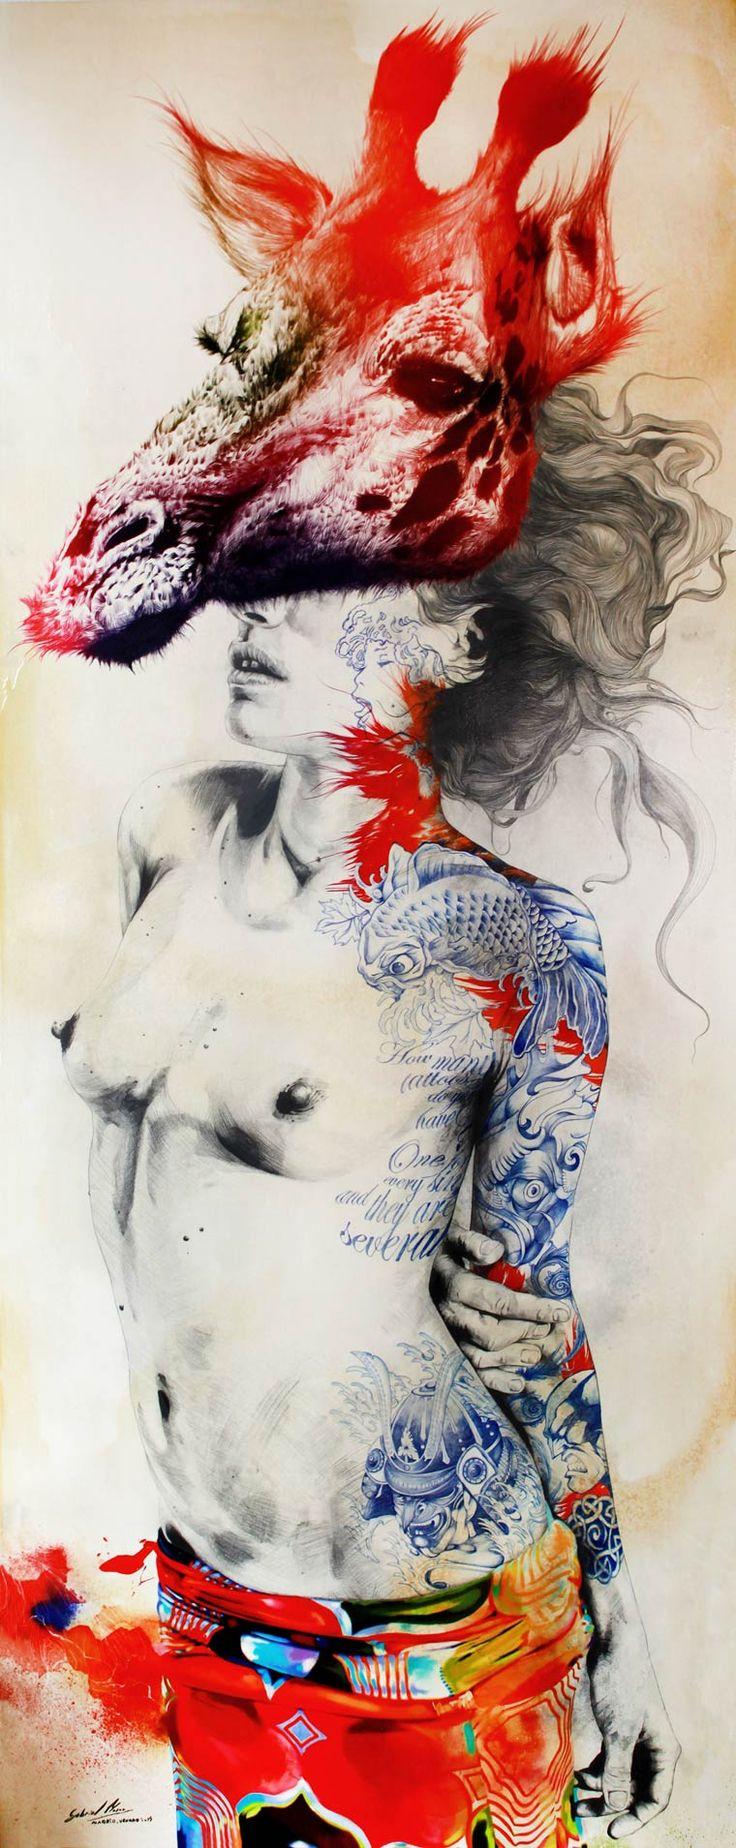 Une sélection des créations de l'illustrateur, artiste et graphic designer espagnol Gabriel Moreno, basé à Madrid, qui imagine des compositions colorées e